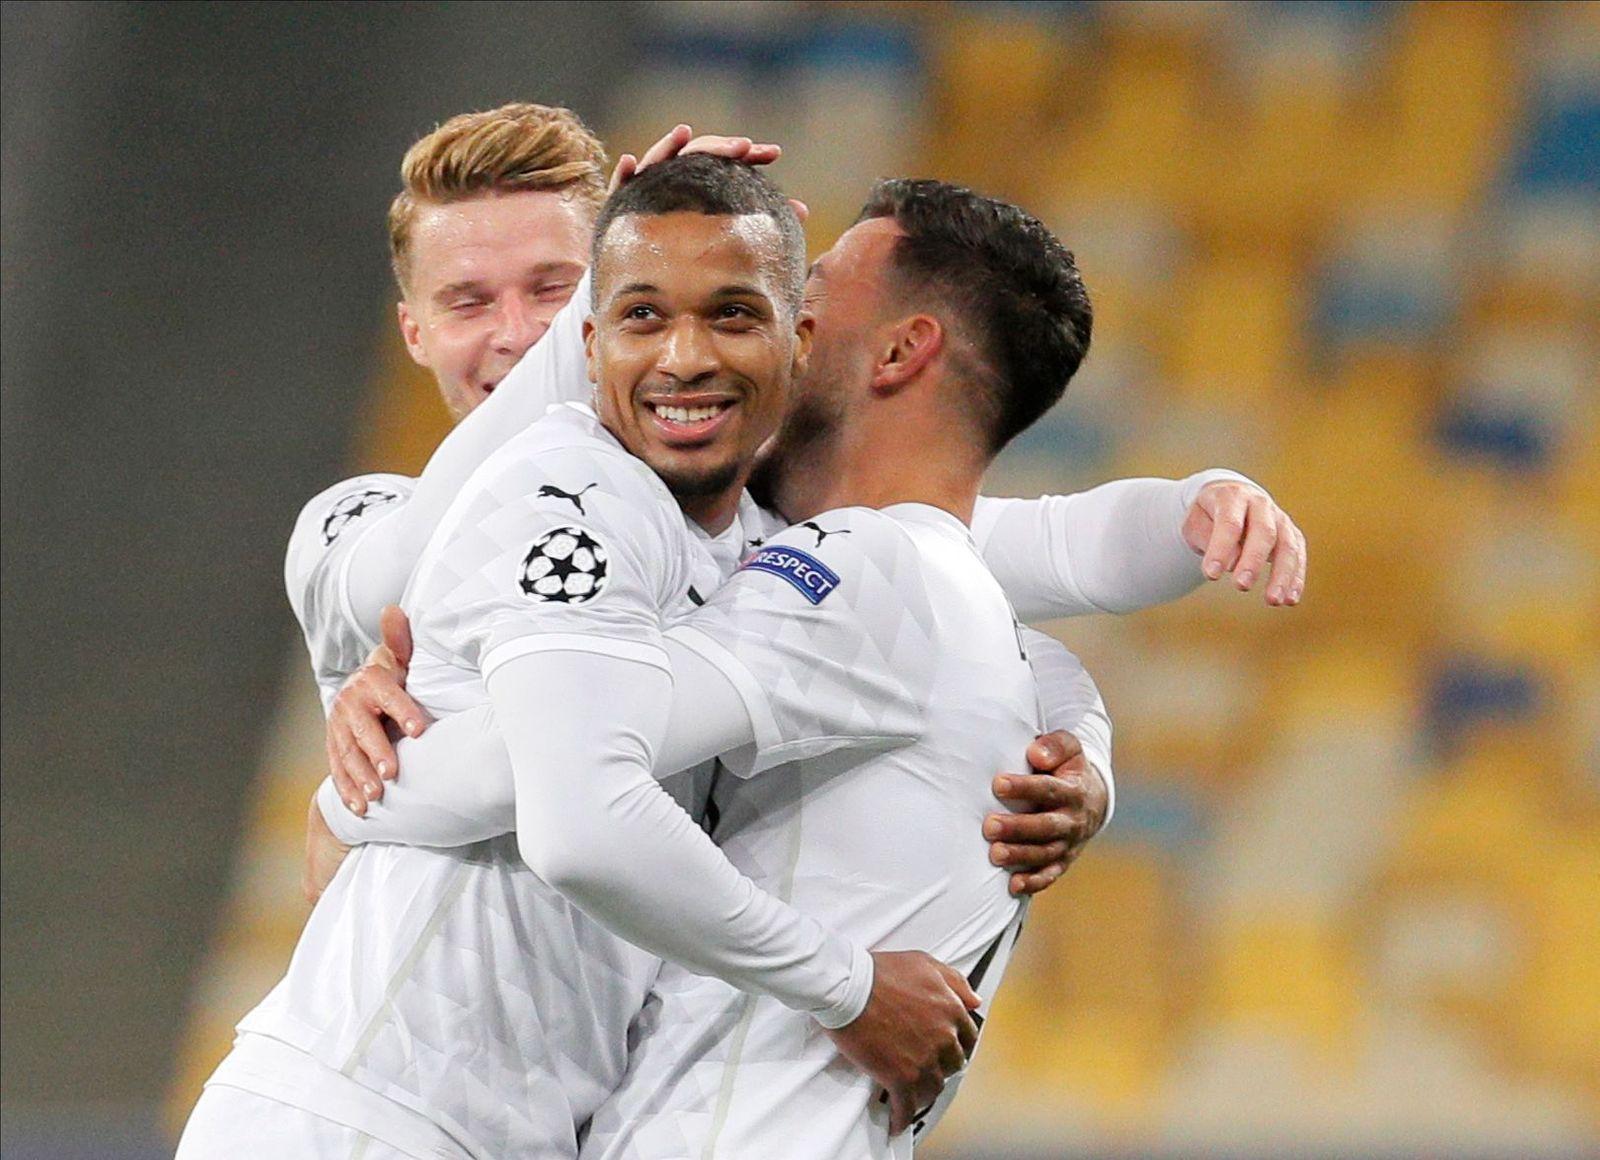 Shakhtar Donetsk vs Borussia Moenchengladbach, Kiev, Ukraine - 03 Nov 2020